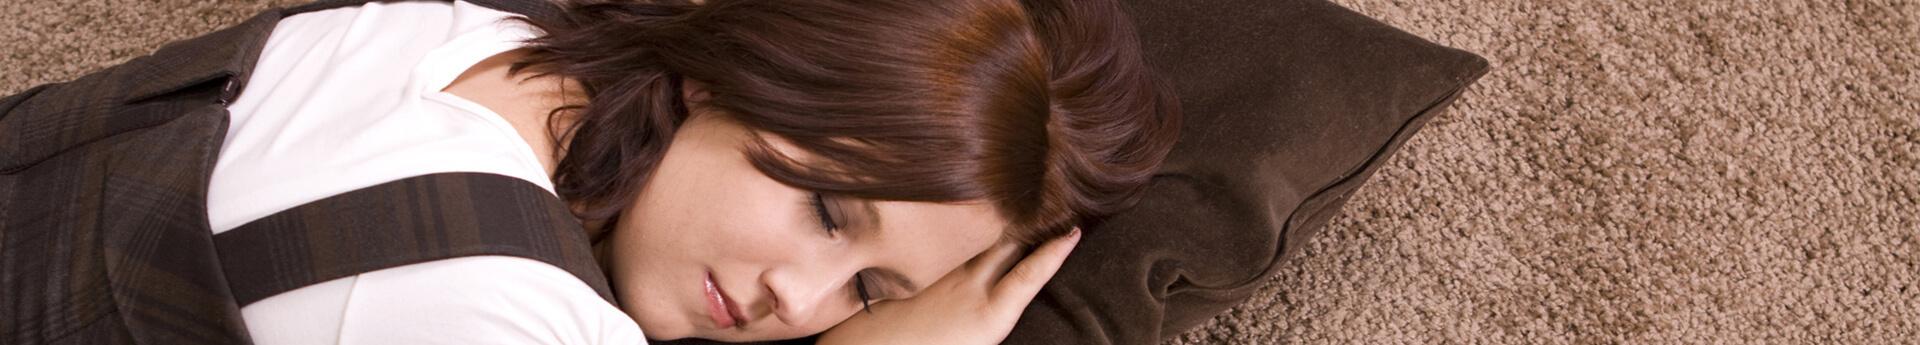 schlafende Frau auf Teppich